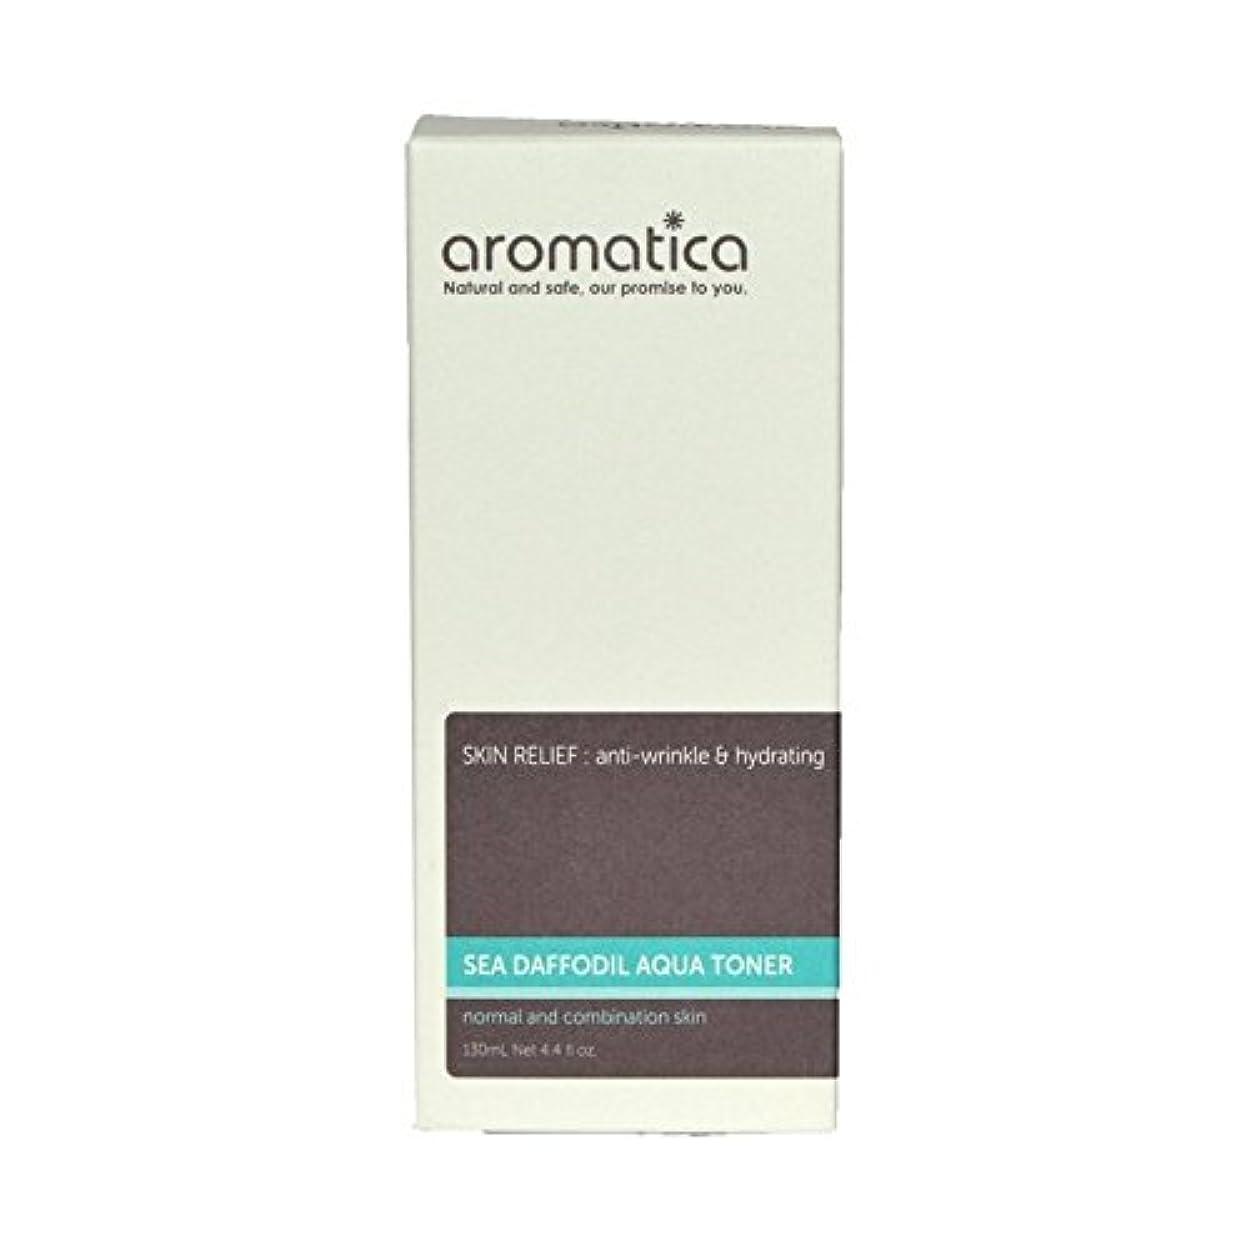 ごめんなさい終わり独創的海スイセンアクアトナー130ミリリットル x2 - aromatica Sea Daffodil Aqua Toner 130ml (Pack of 2) [並行輸入品]